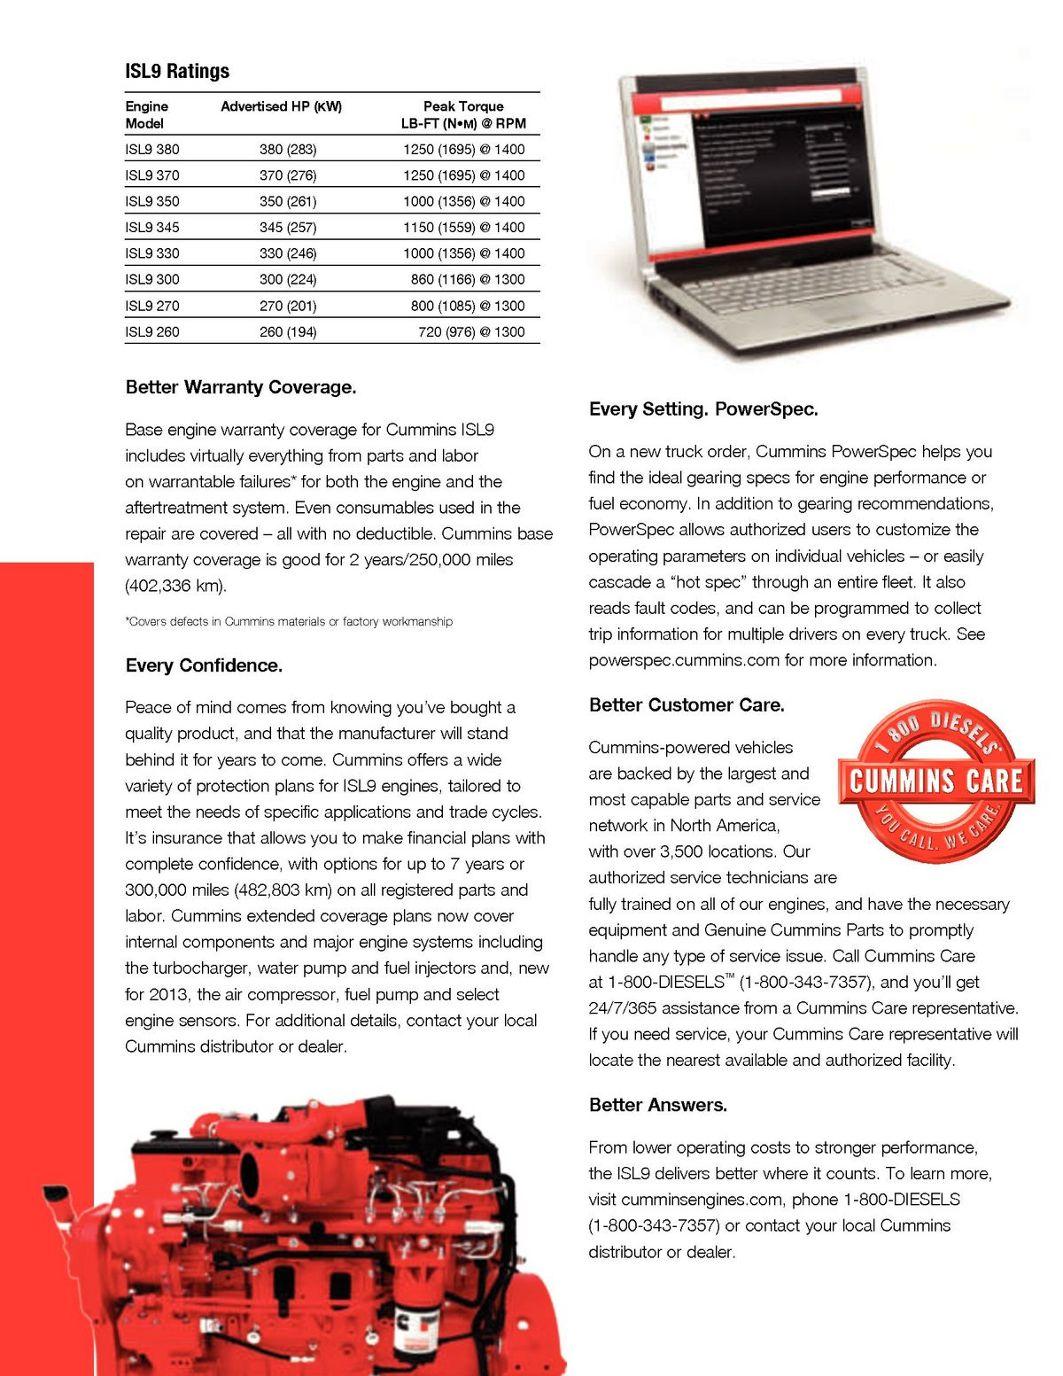 Cummins2013-ISL9 Brochure